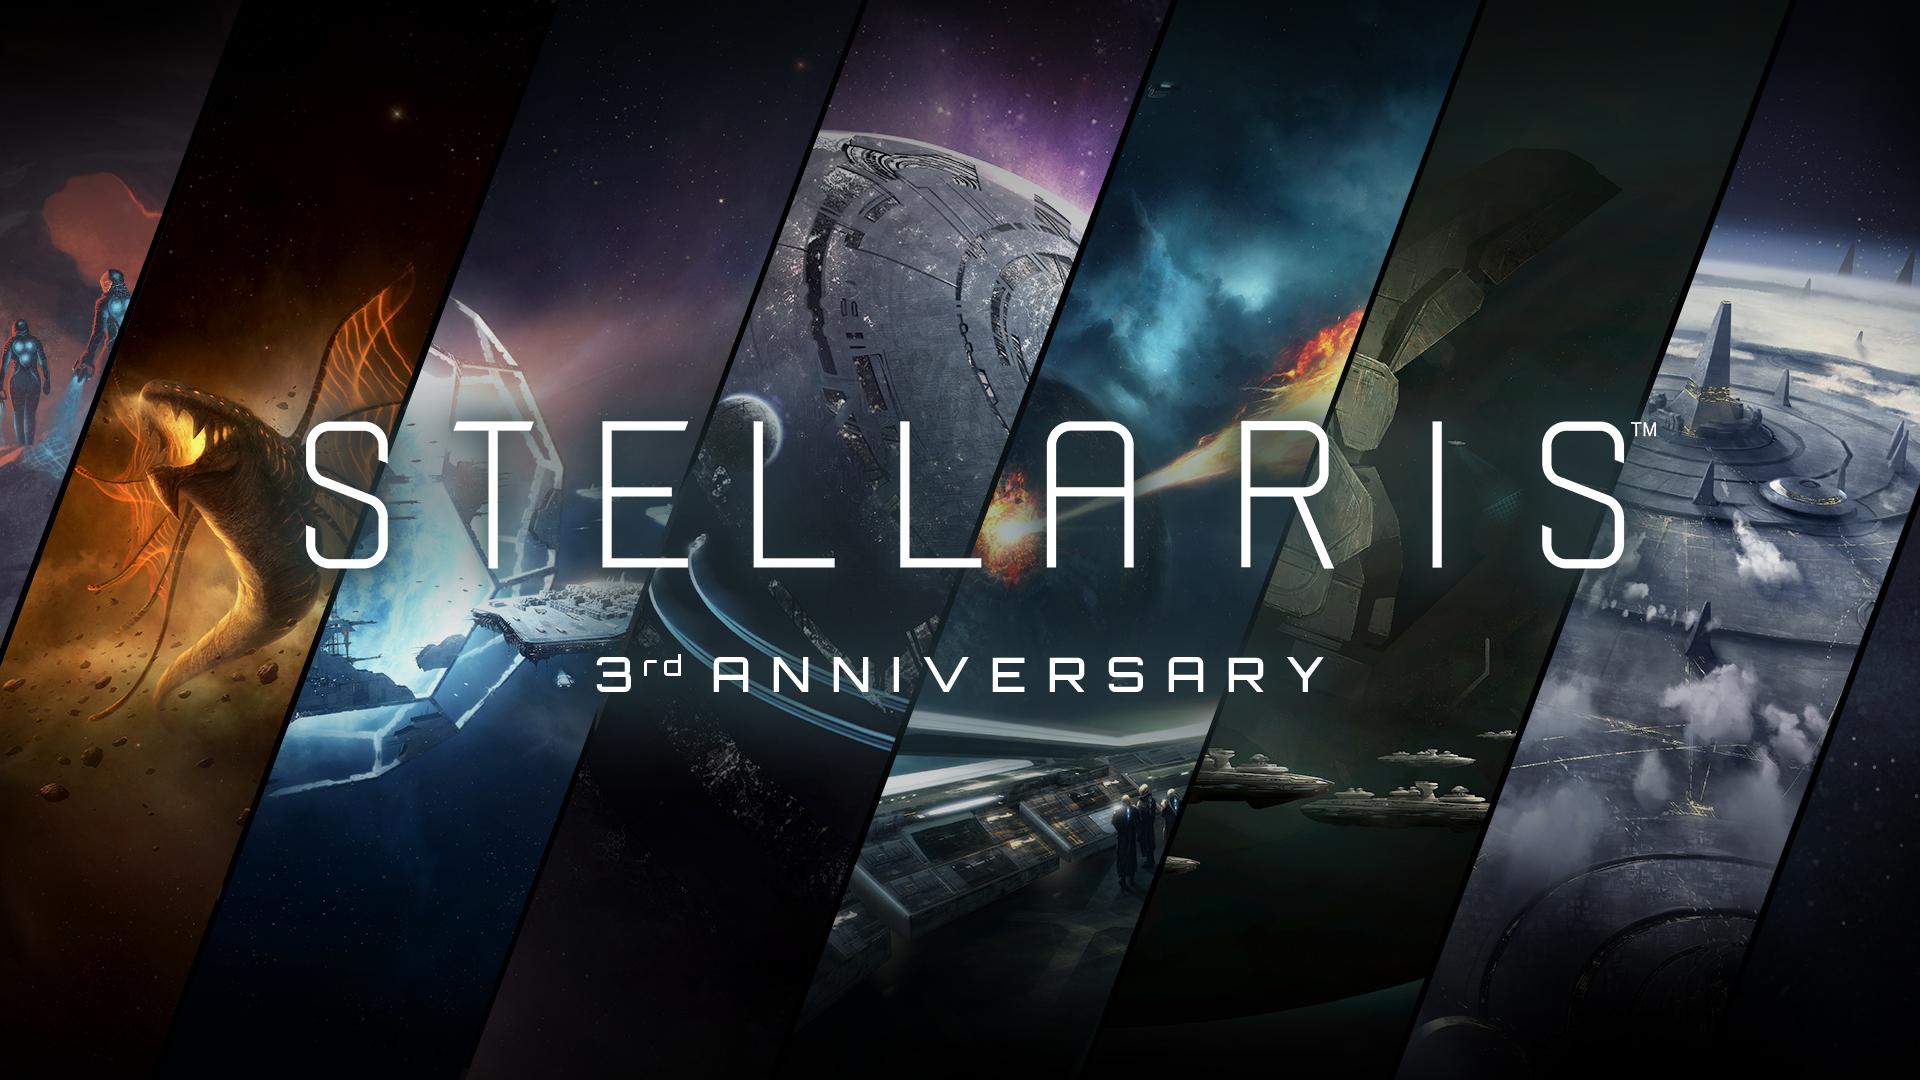 Stellaris derde verjaardag